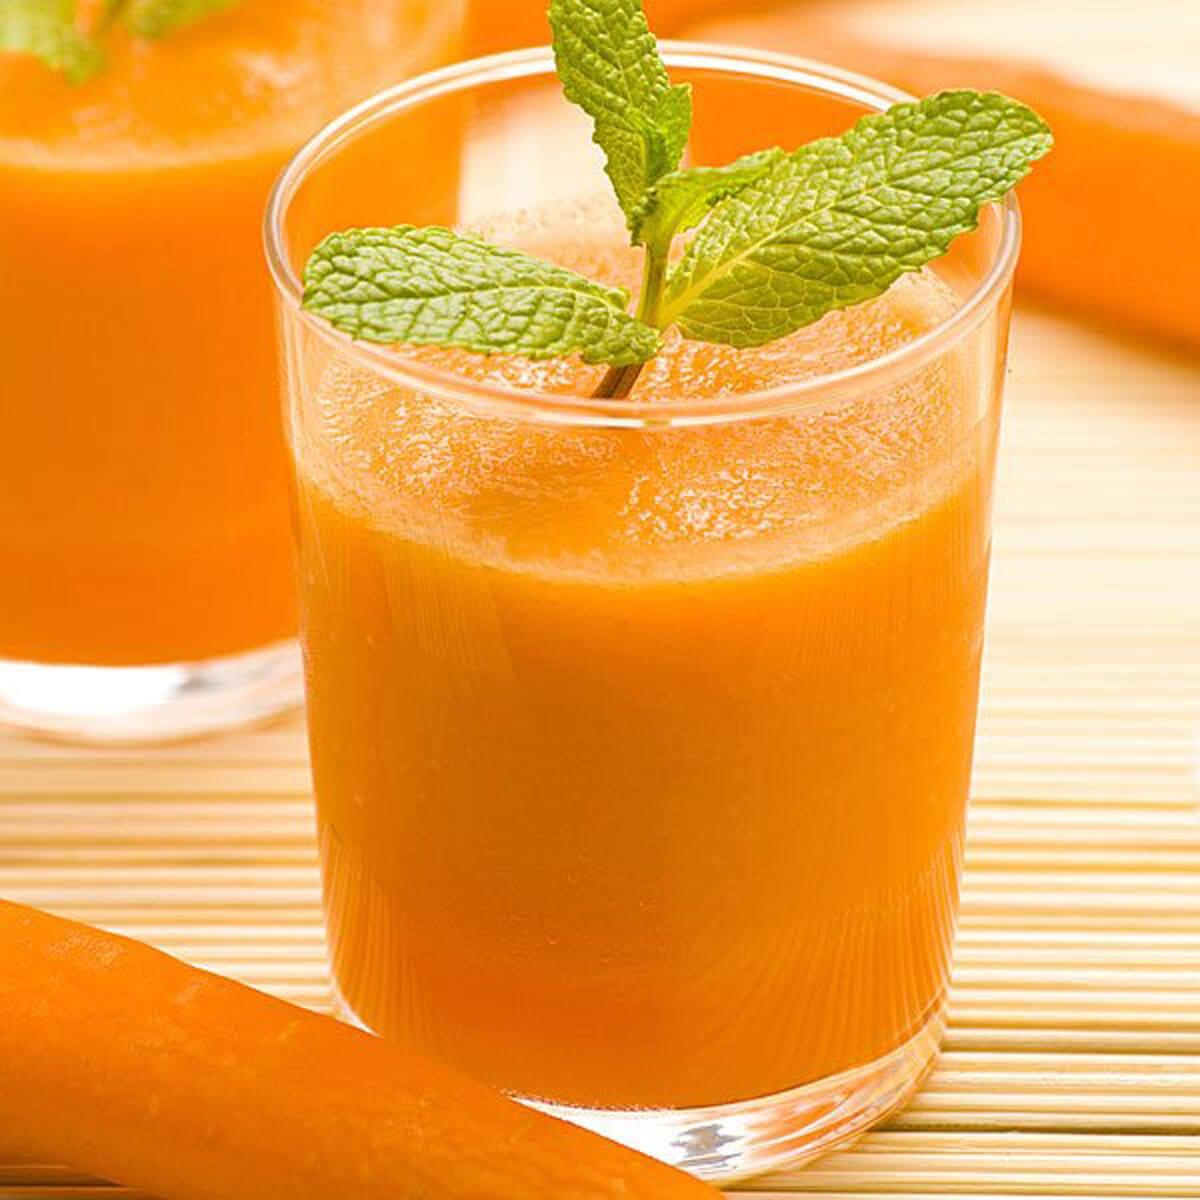 Succo-di-carote